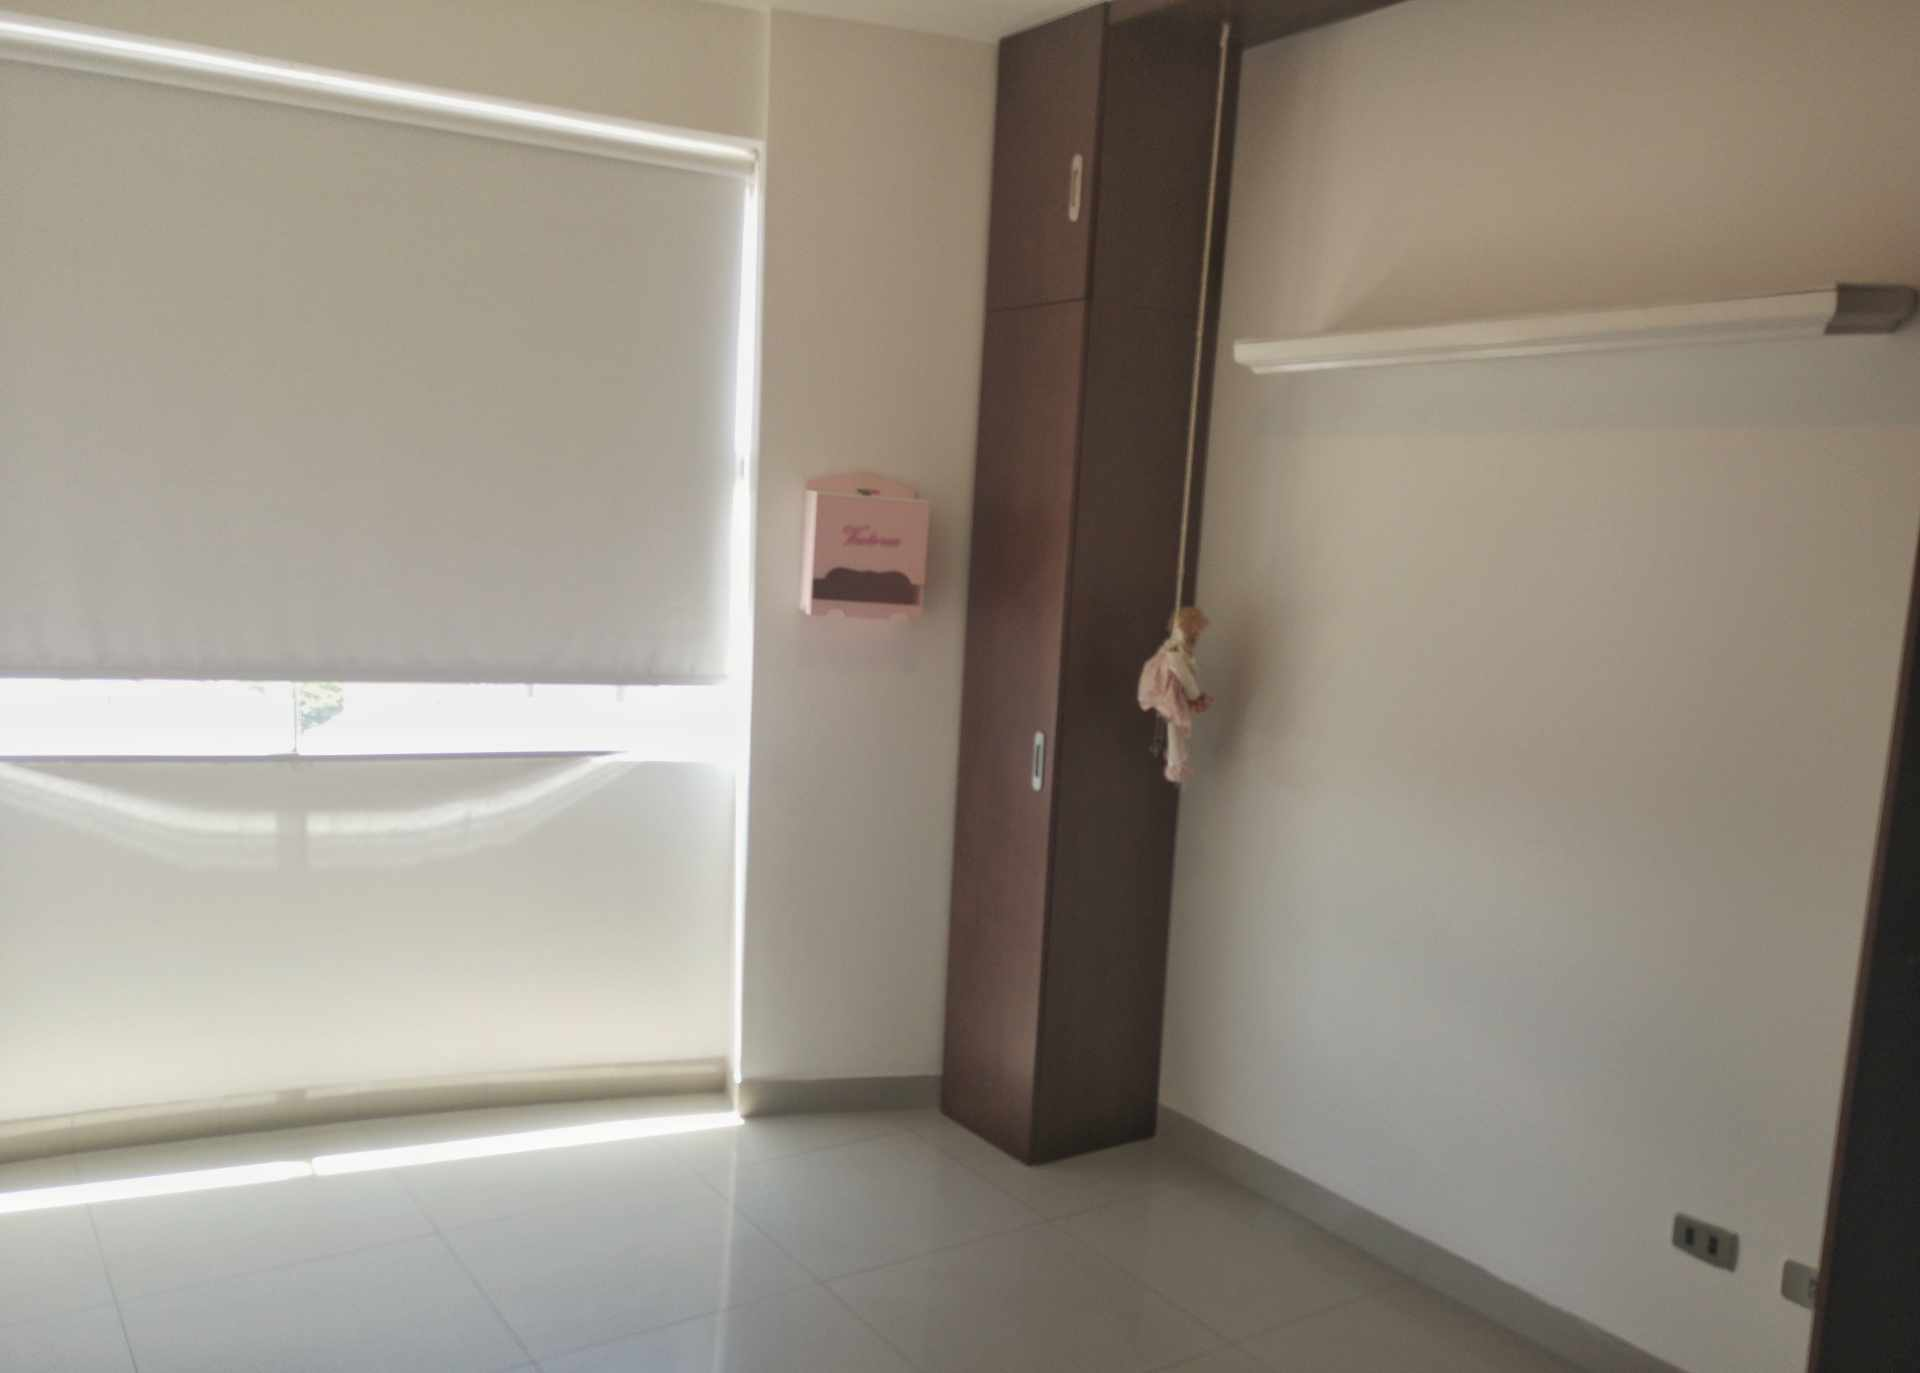 Departamento en Alquiler EDIF. ANTAIRE - C/ GUALBERTO VILLARROEL Foto 10